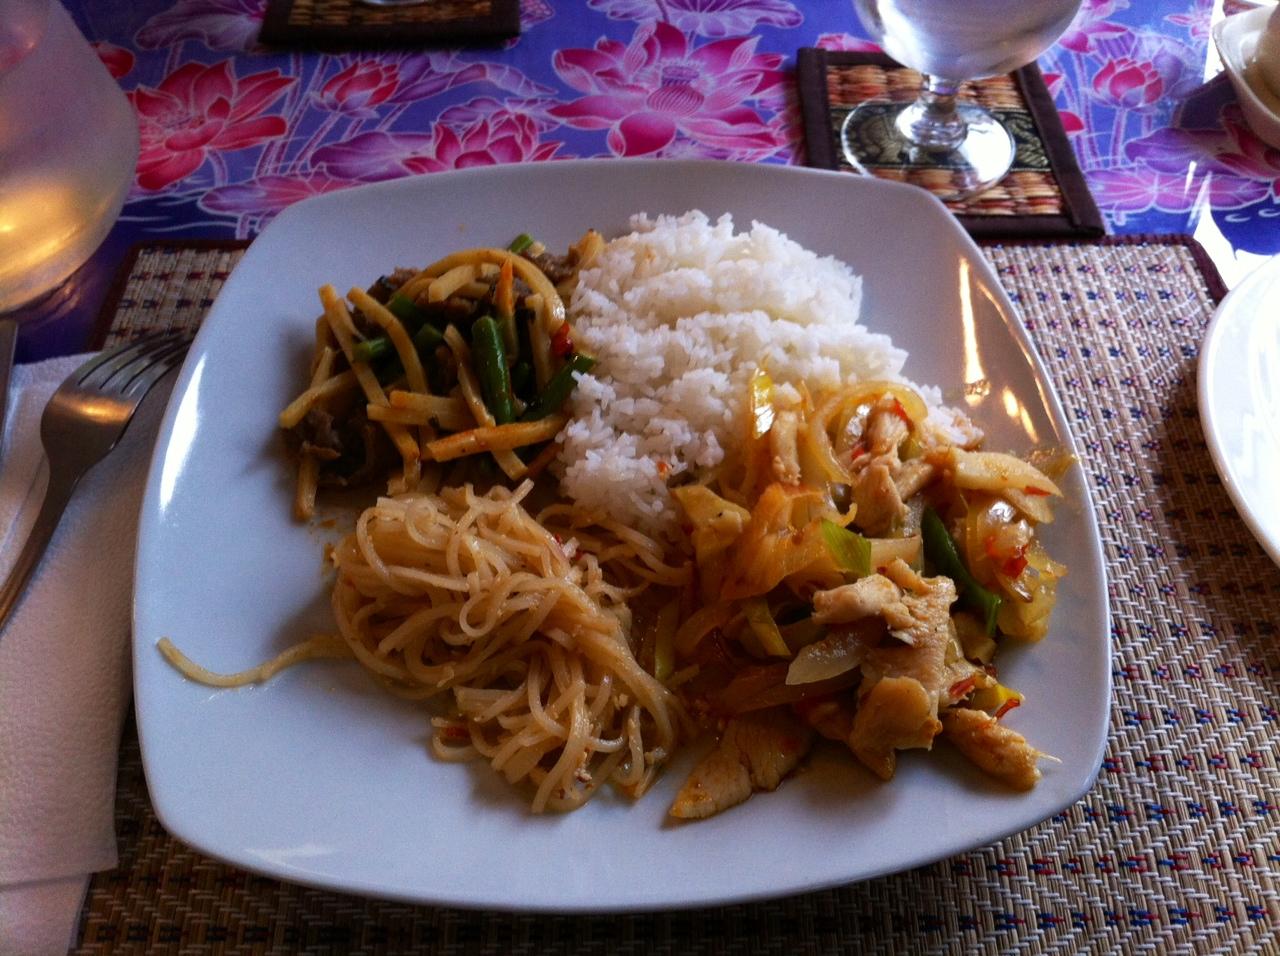 Malai Thai, Riihimäki: Lounasbuffetin antimia